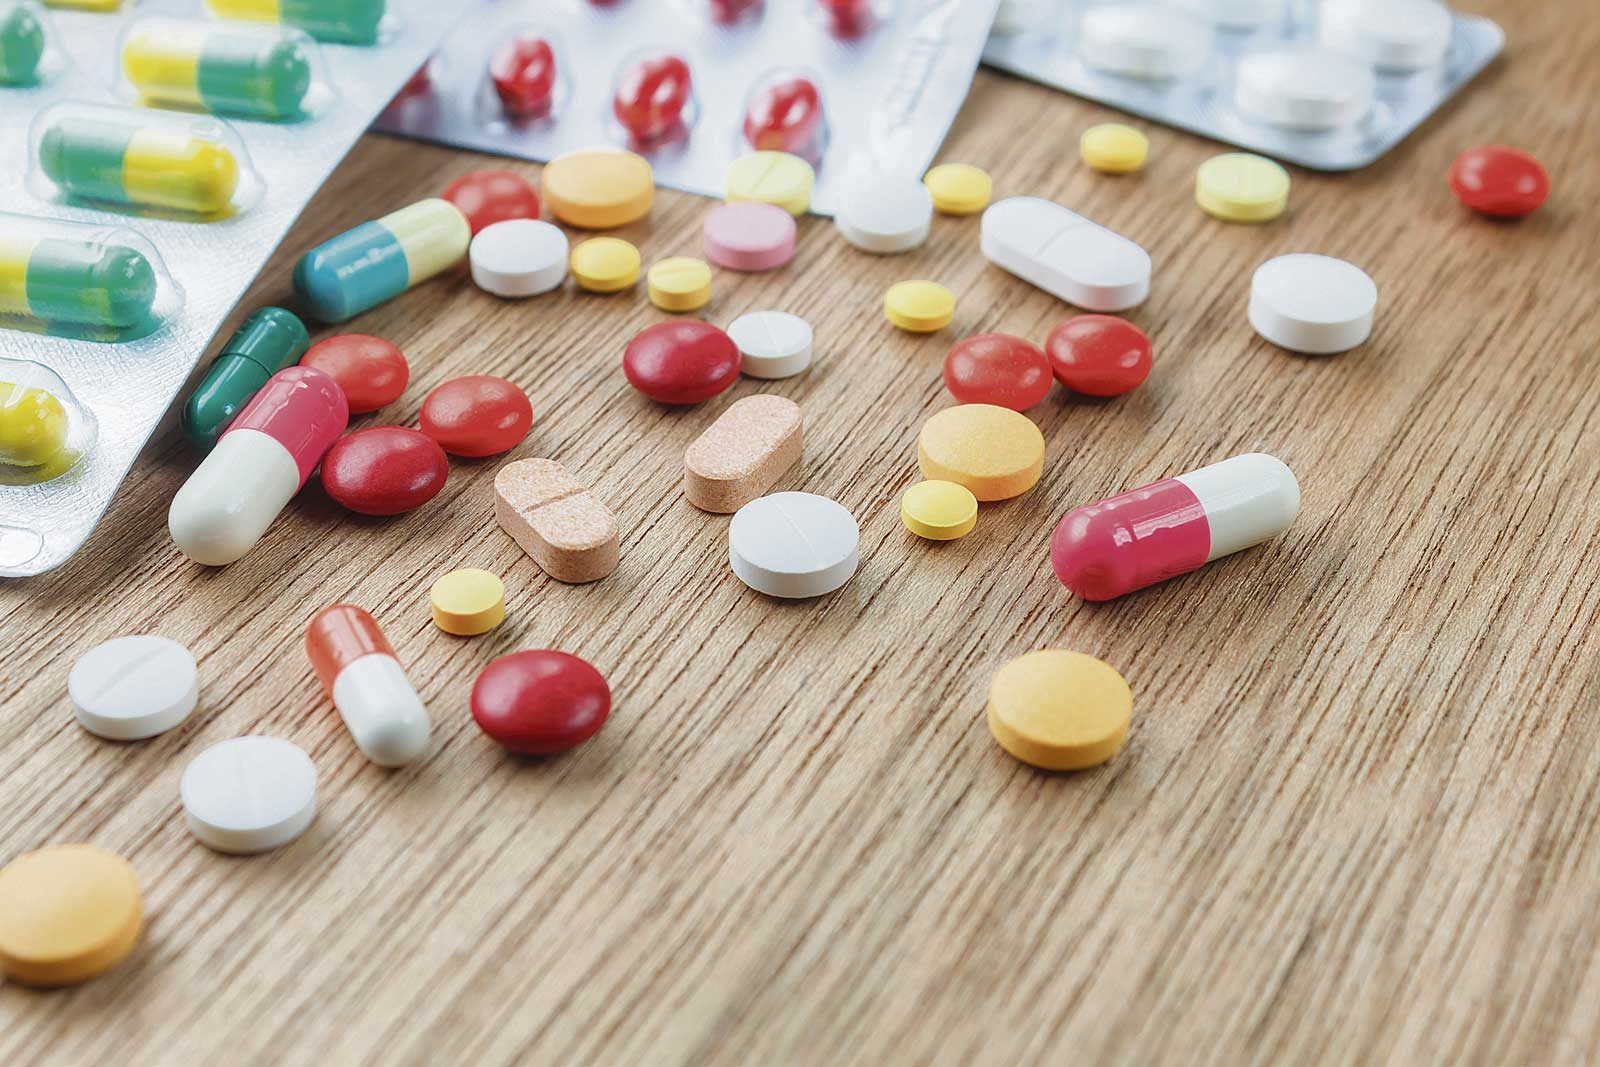 cel mai bun medicament pentru dureri articulare imagini cu mâini de artrită